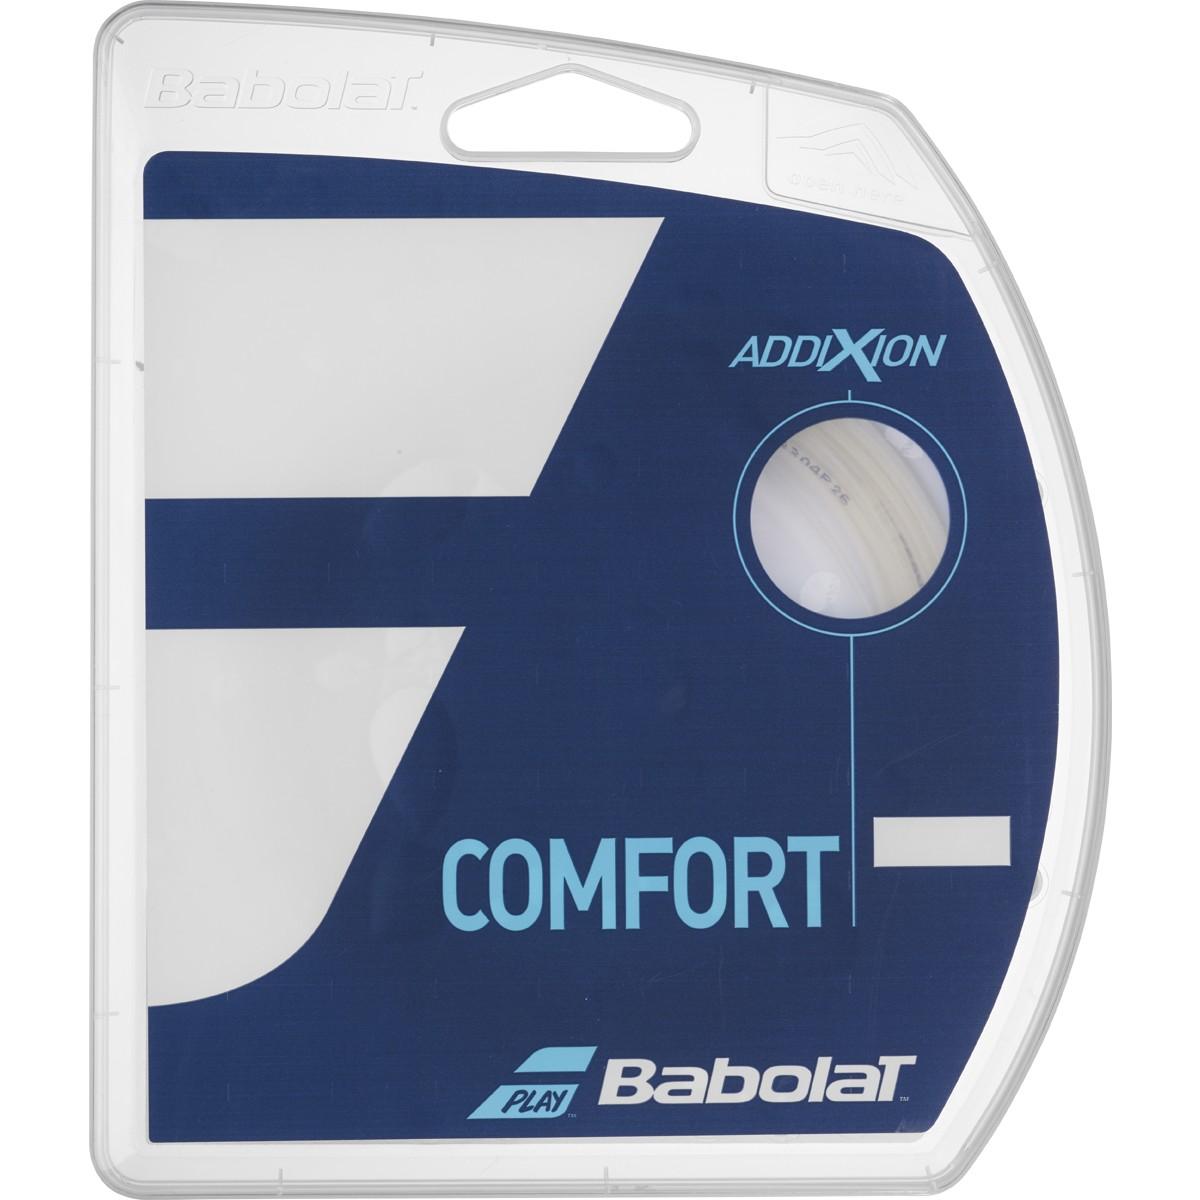 Cordage Babolat addiction